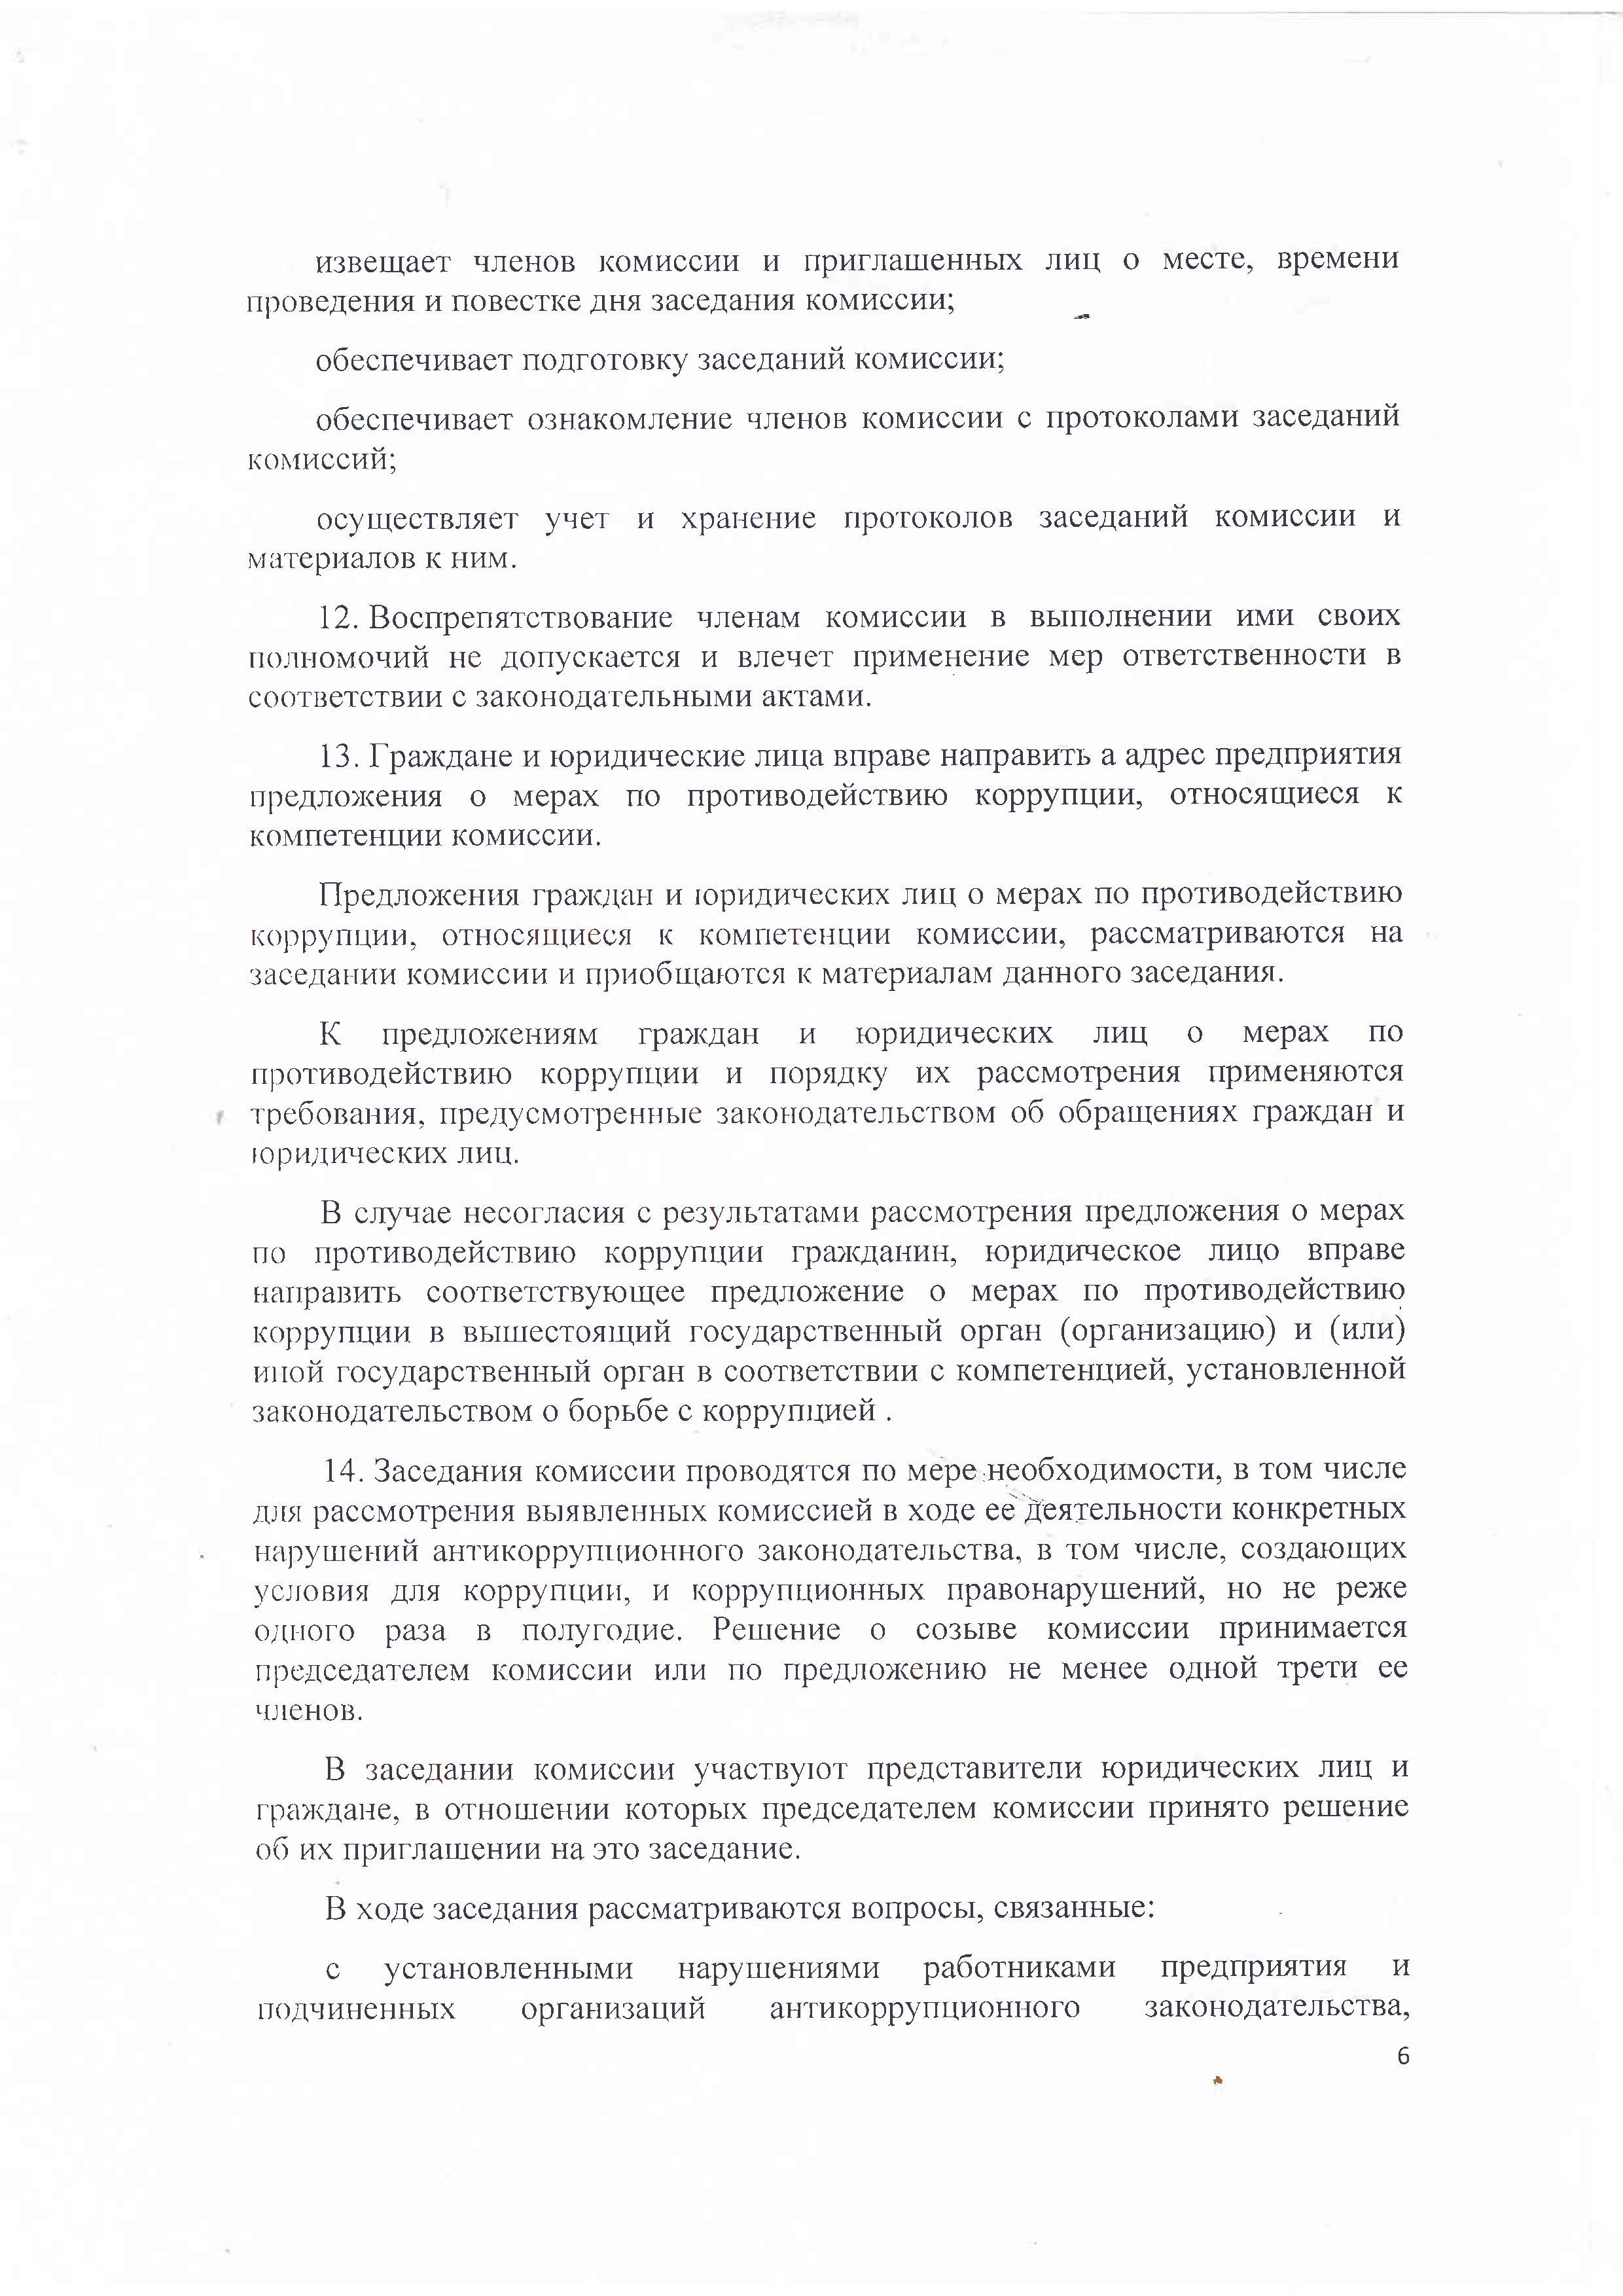 Положение о комиссии по противодействию коррупции. 6 стр.